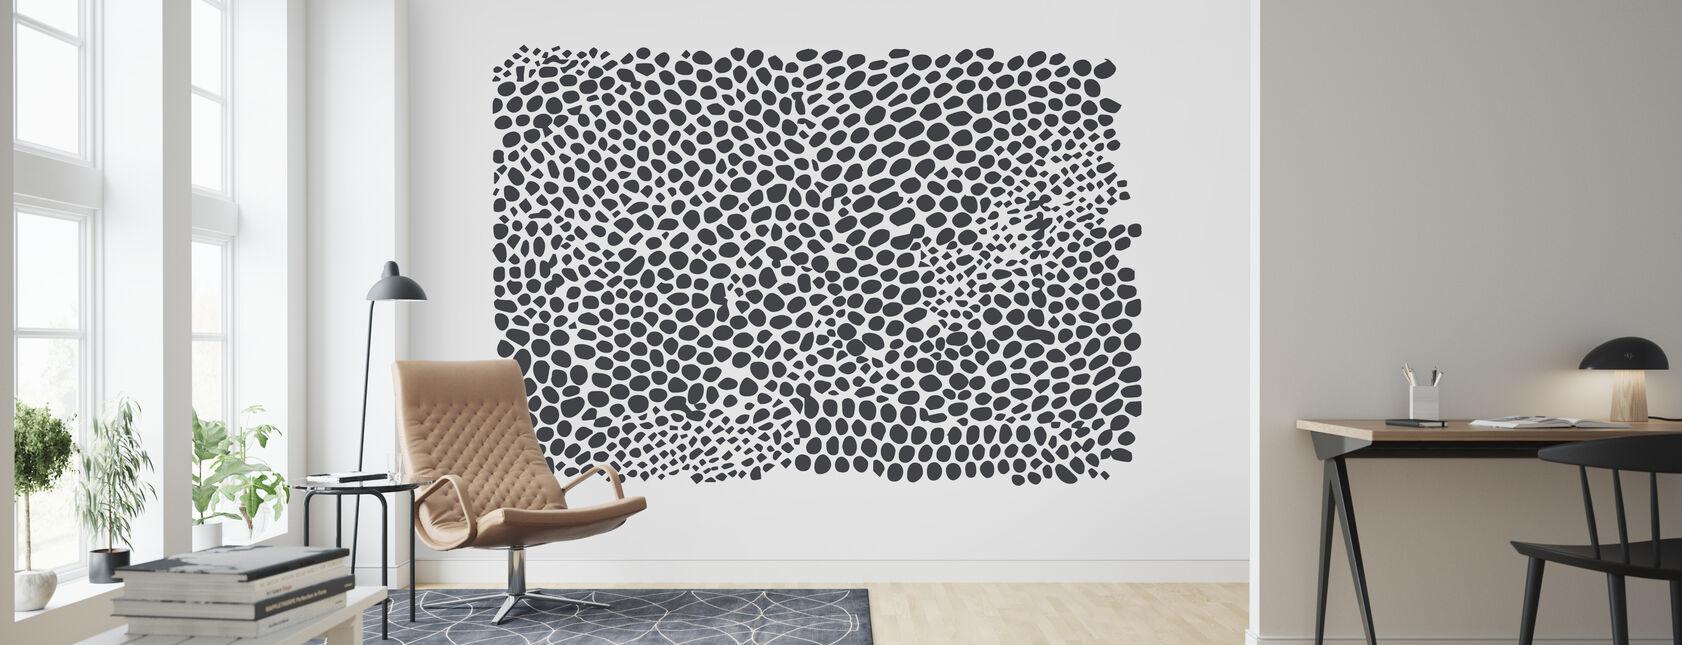 Snakeskin - Wallpaper - Living Room